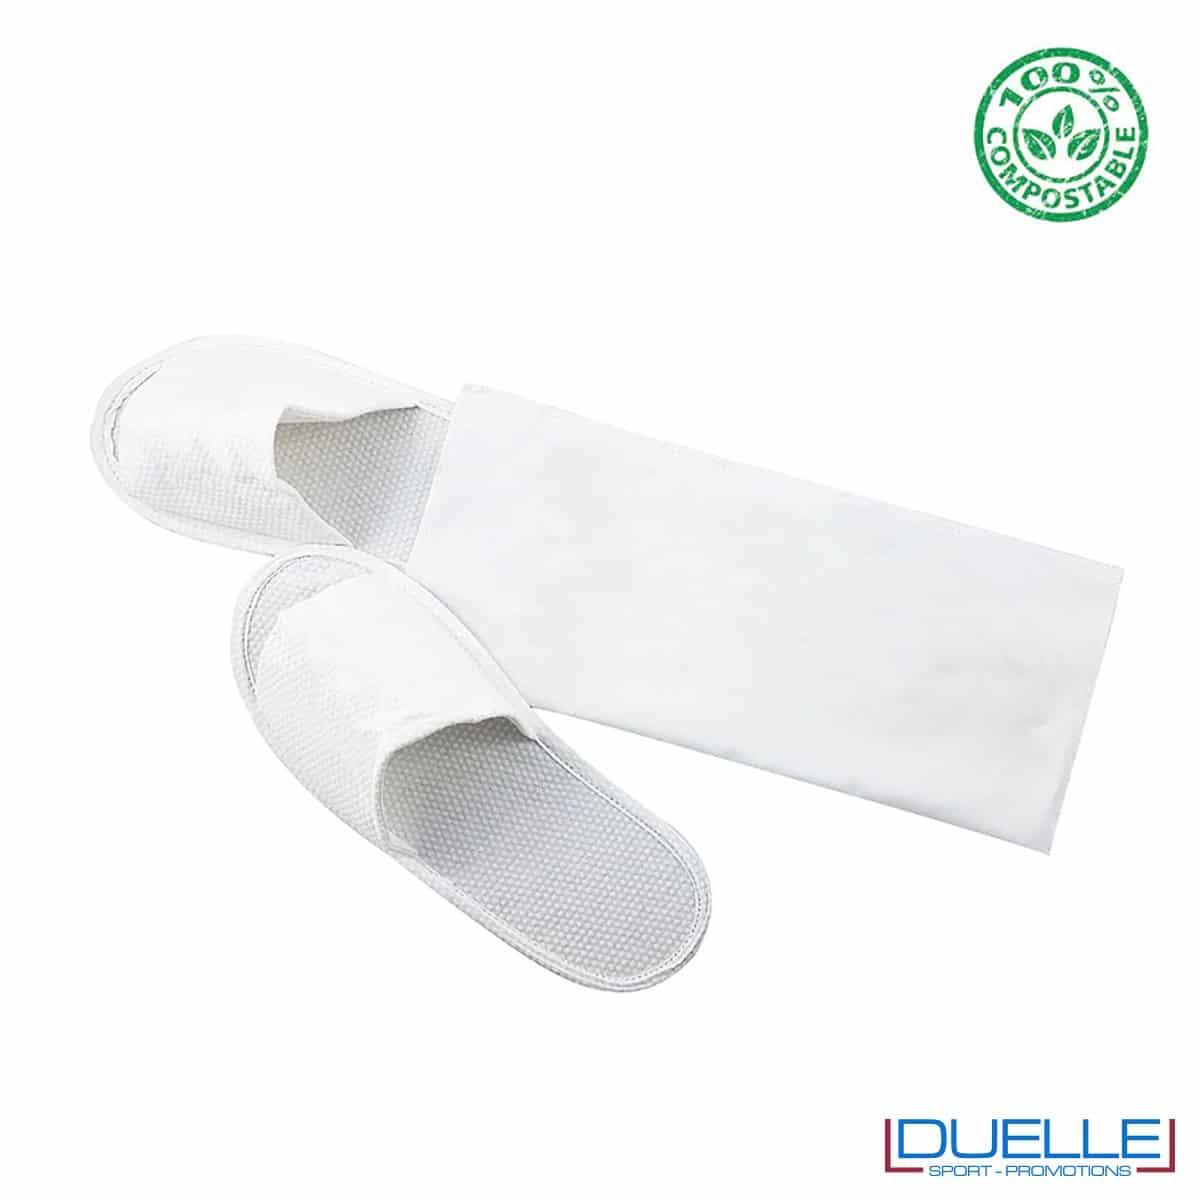 Ciabatte biodegradabili riciclabili personalizzate